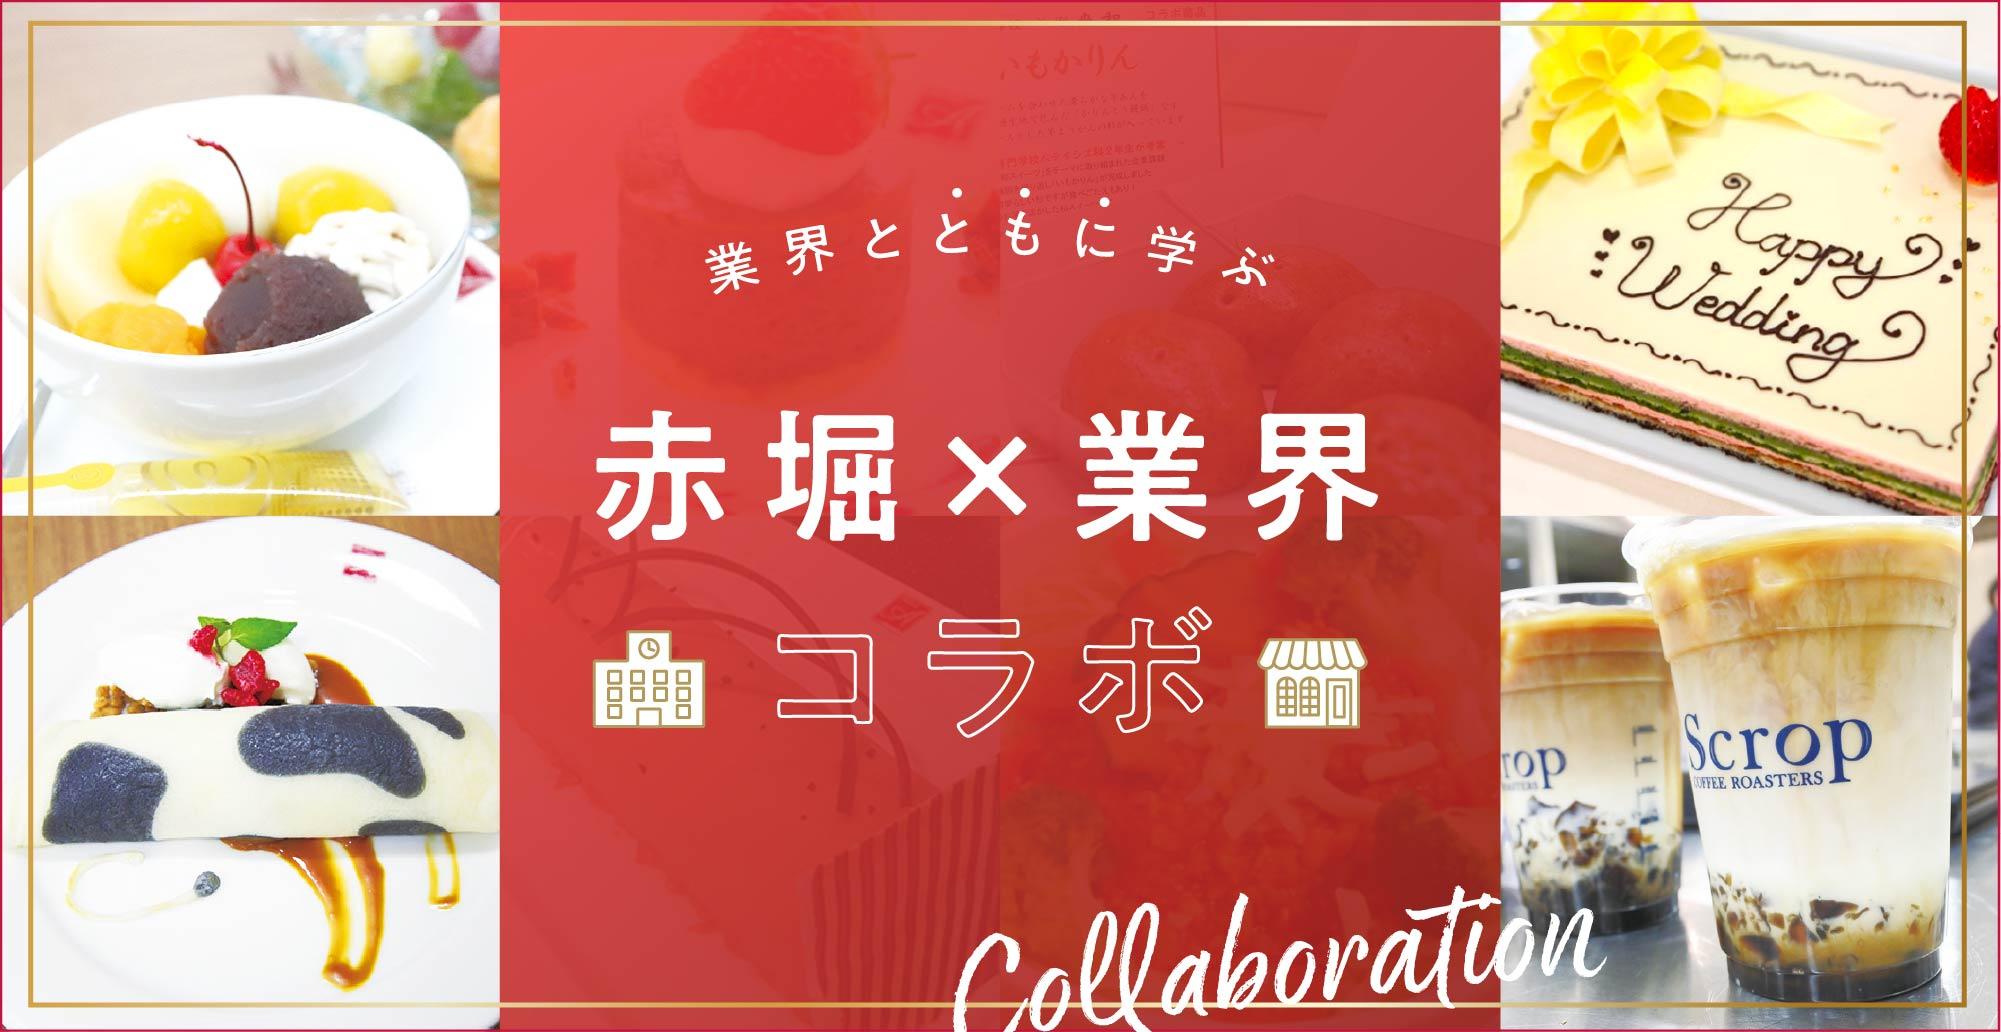 赤堀製菓×企業いろいろコラボ